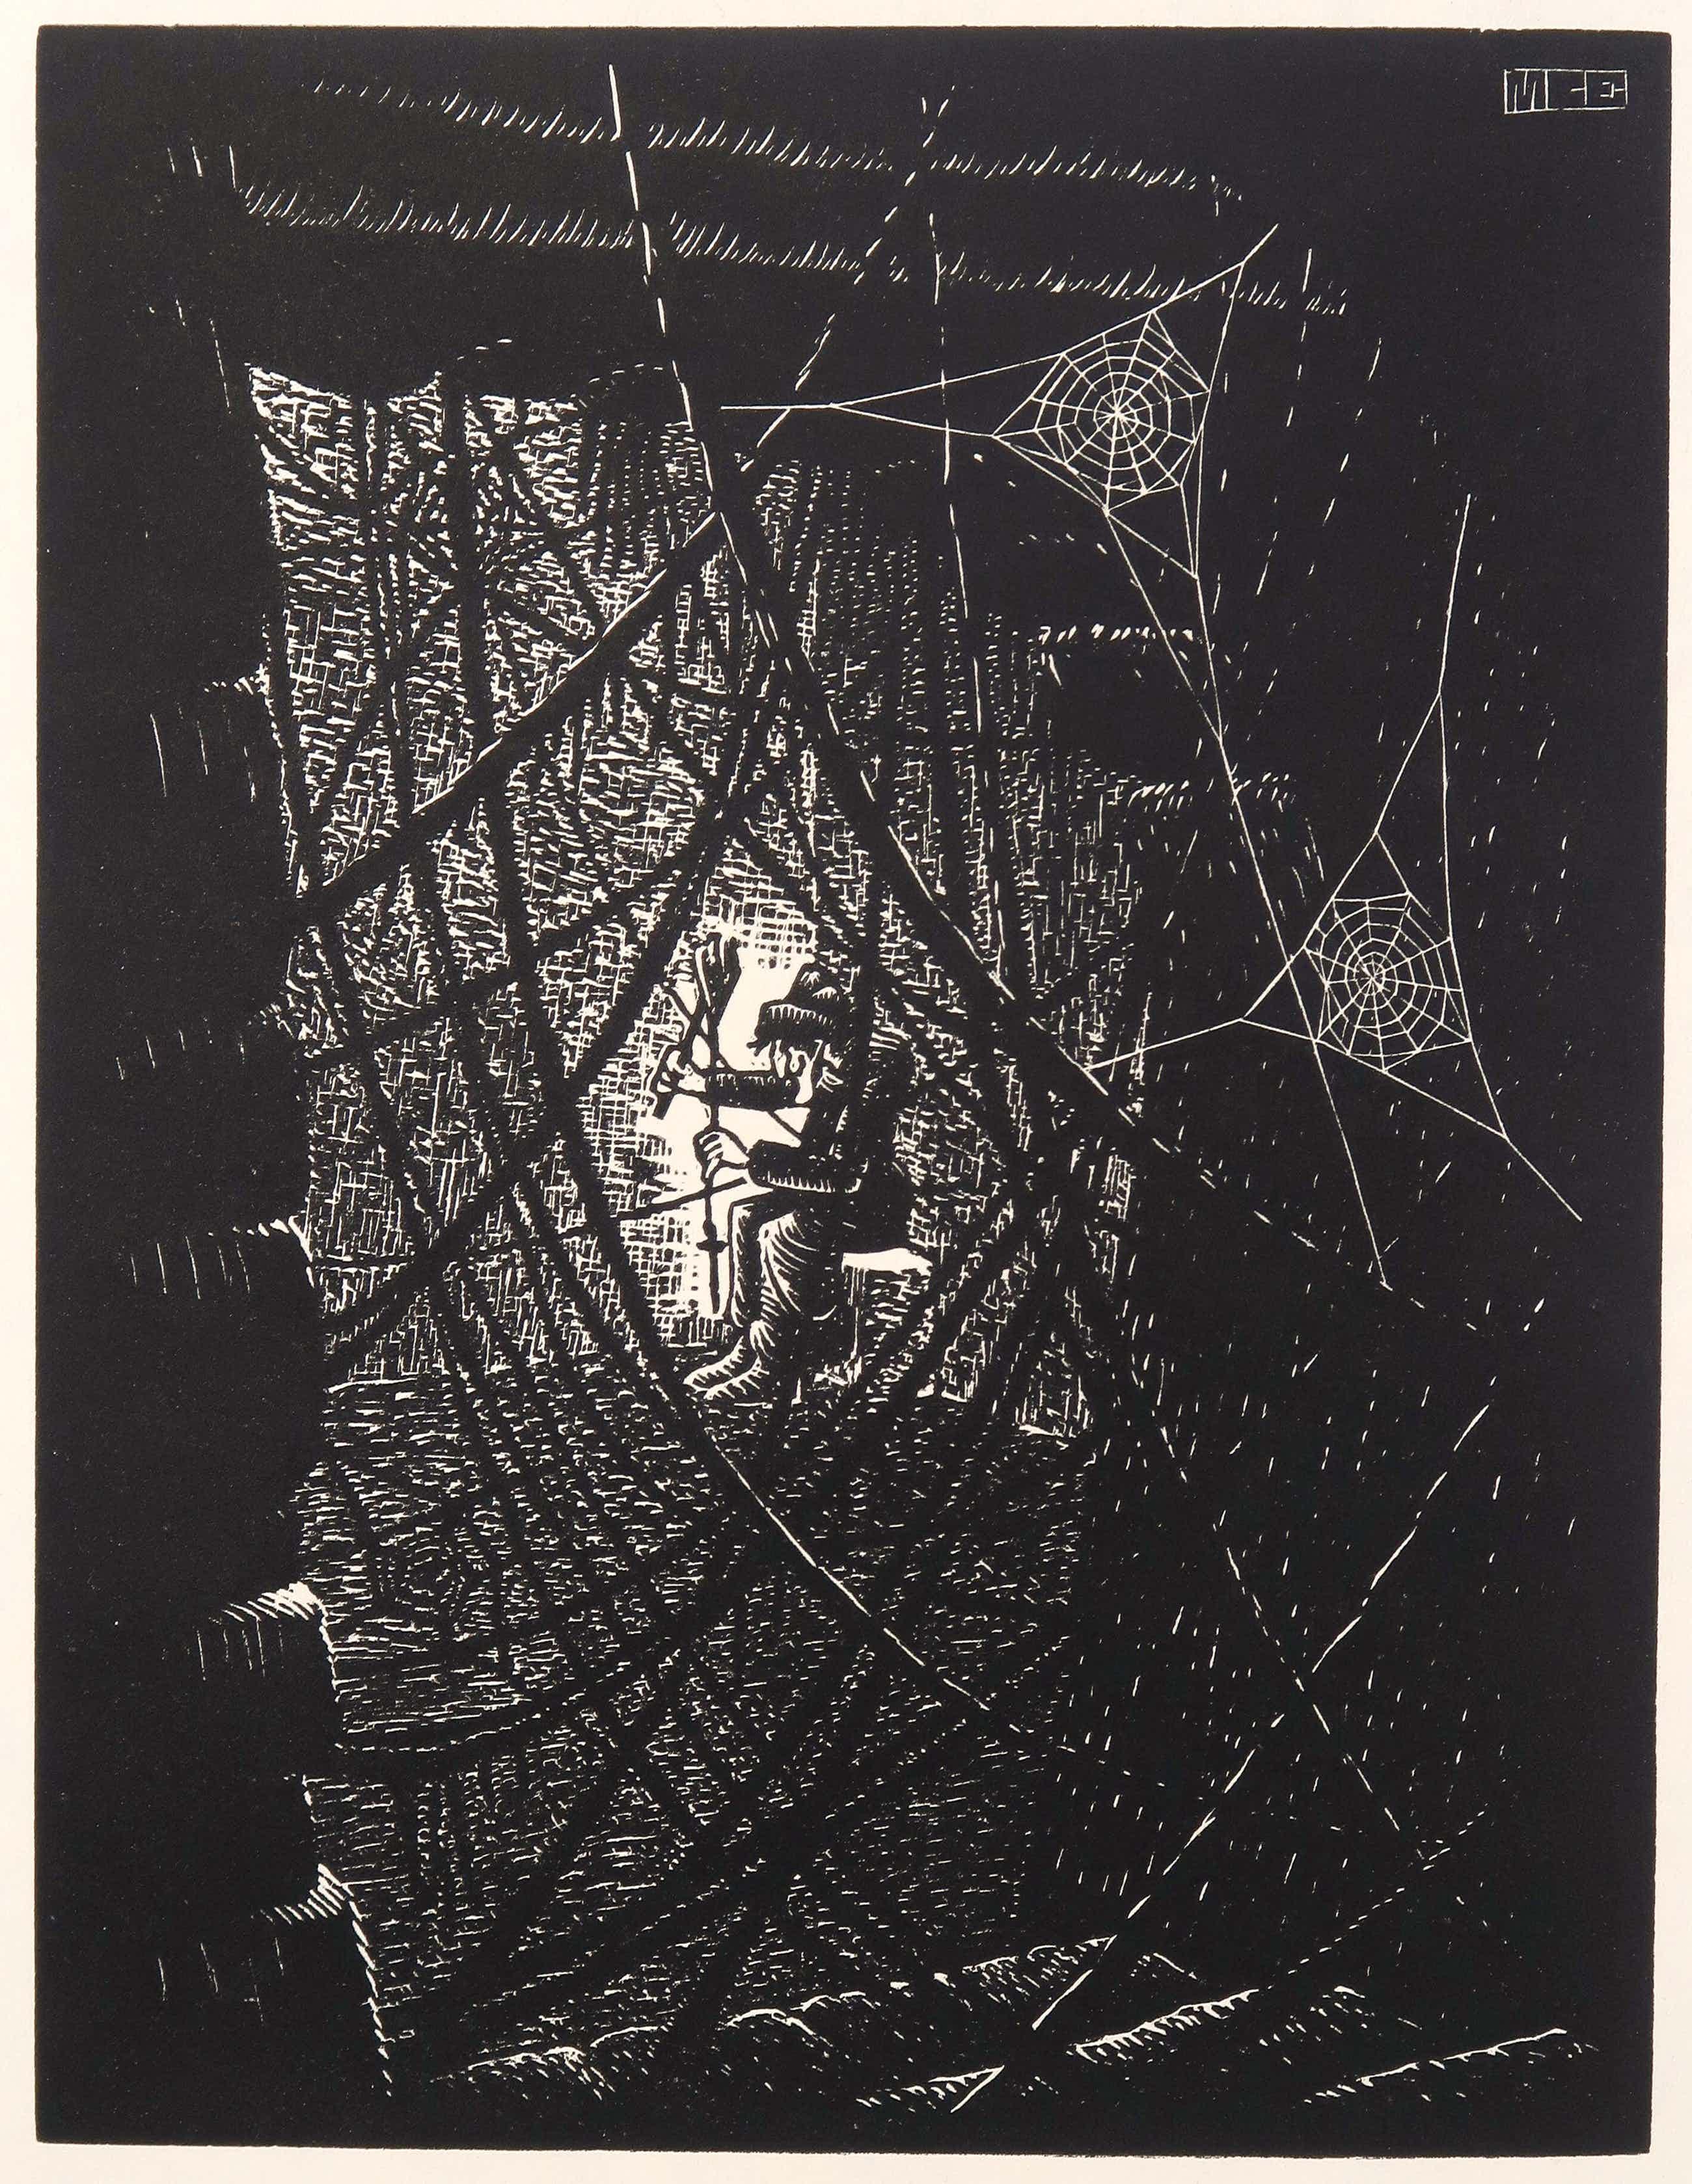 M.C. Escher - Houtgravure, Spinrag (incl. gedicht van A.E. Drijfhout en twee andere werken) kopen? Bied vanaf 305!